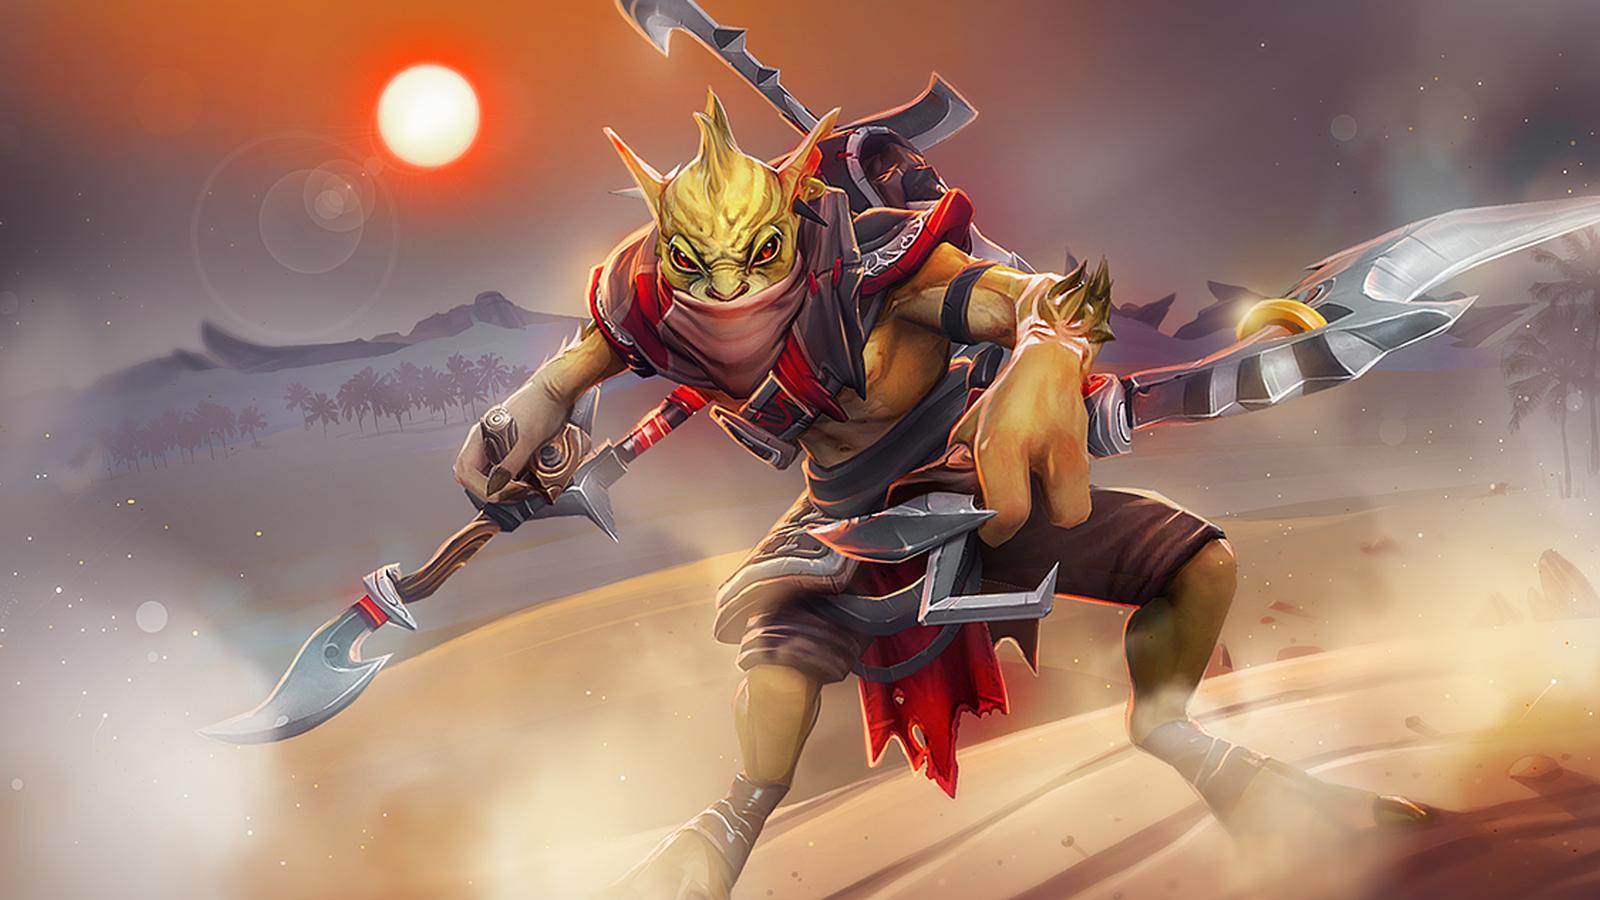 bounty-hunter-dota-2-wallpaper-18